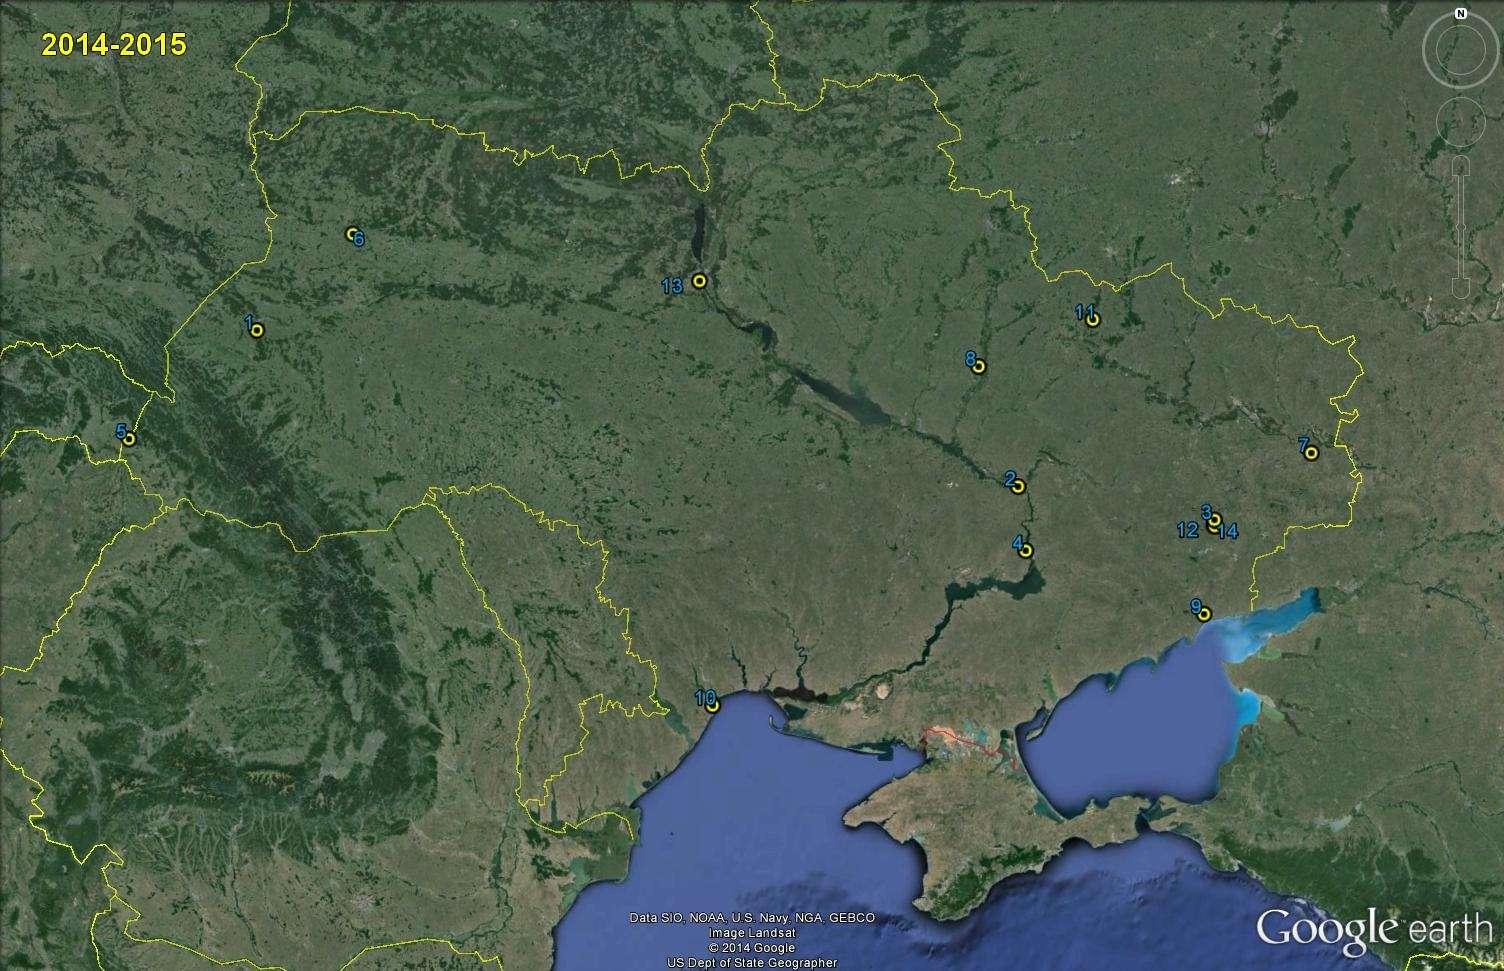 Petite géographie du football européen (championnat 2013-2014... et suivants) - Page 3 Ukrain14